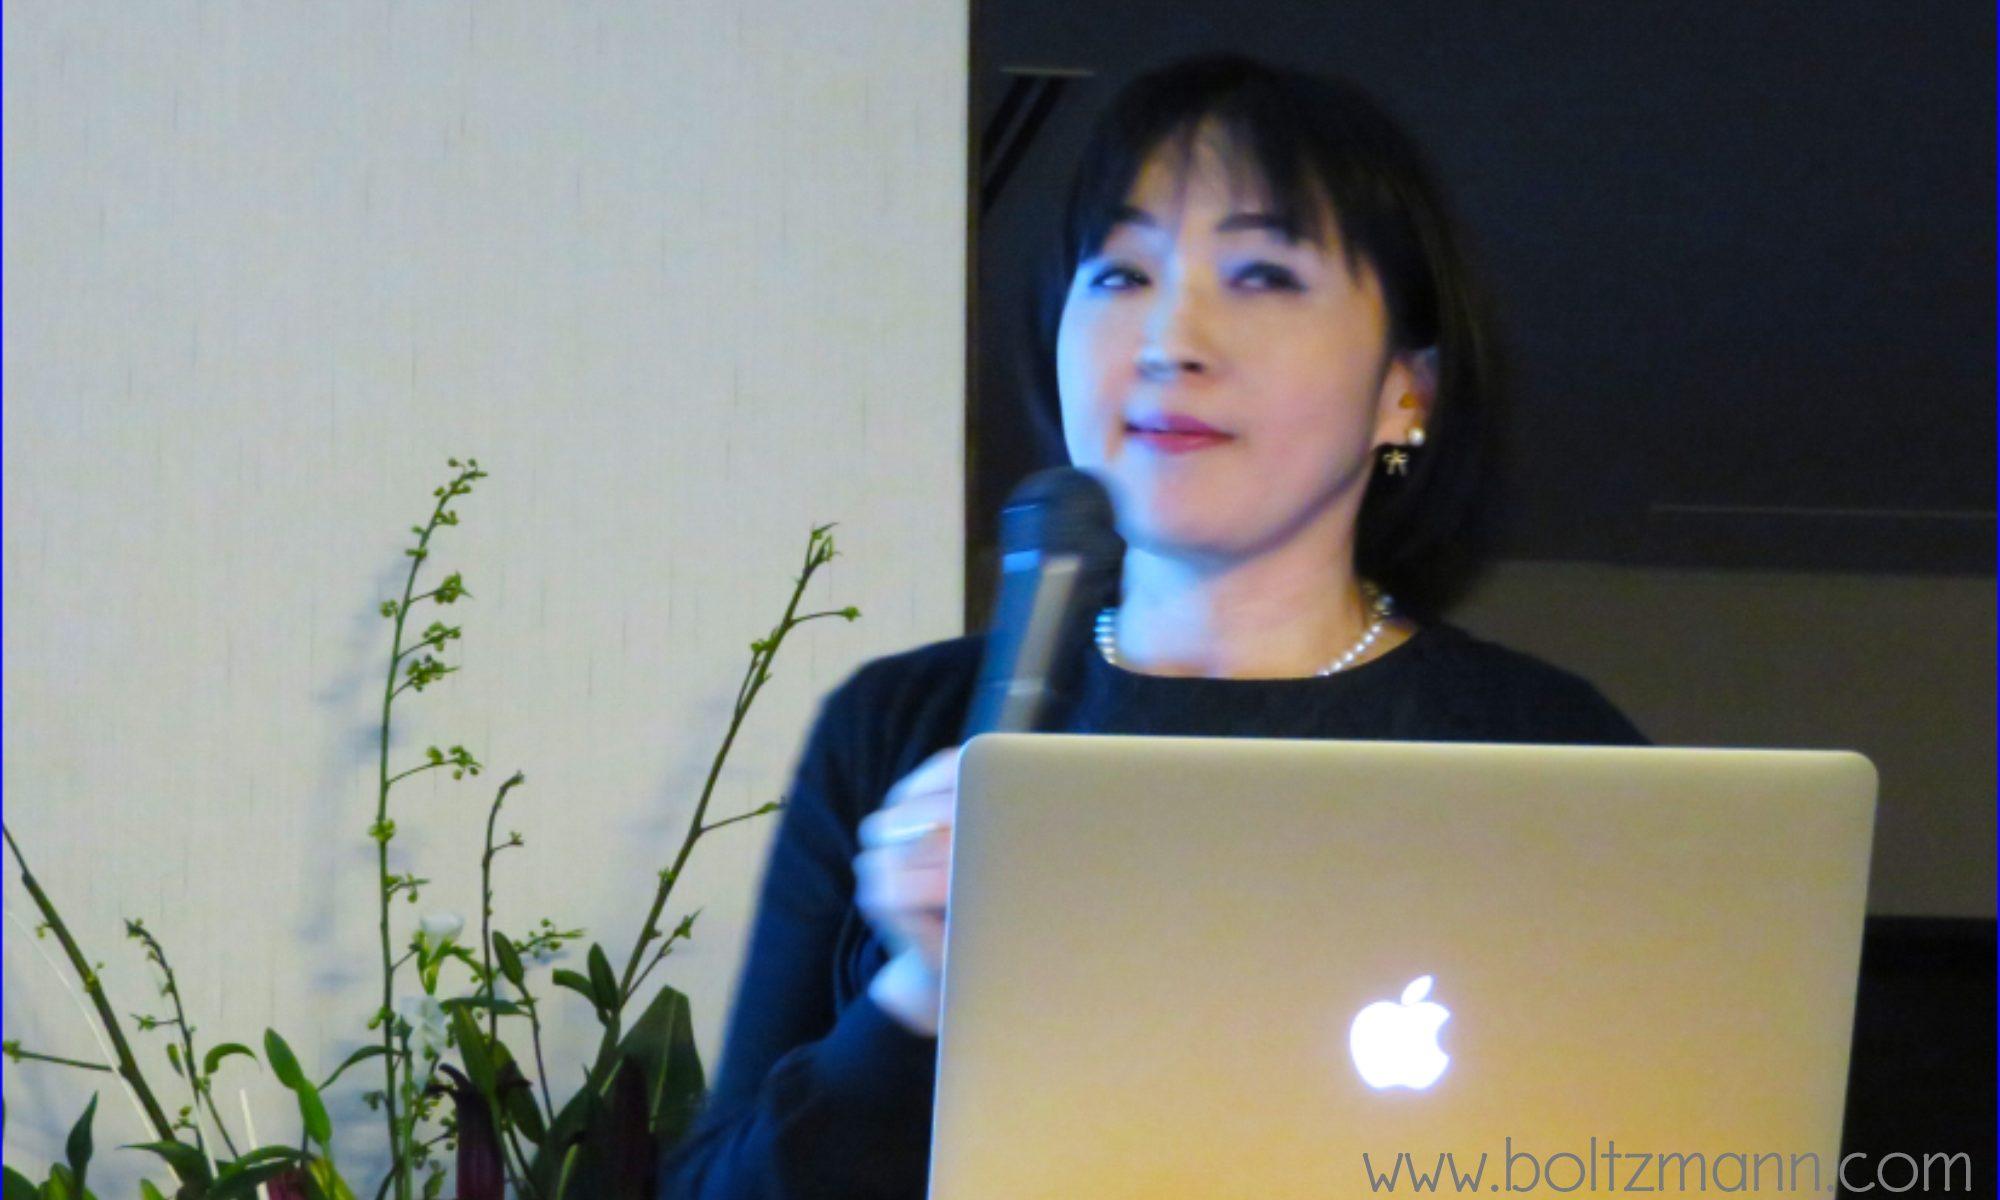 Kyoko Nomura boltzmann.com